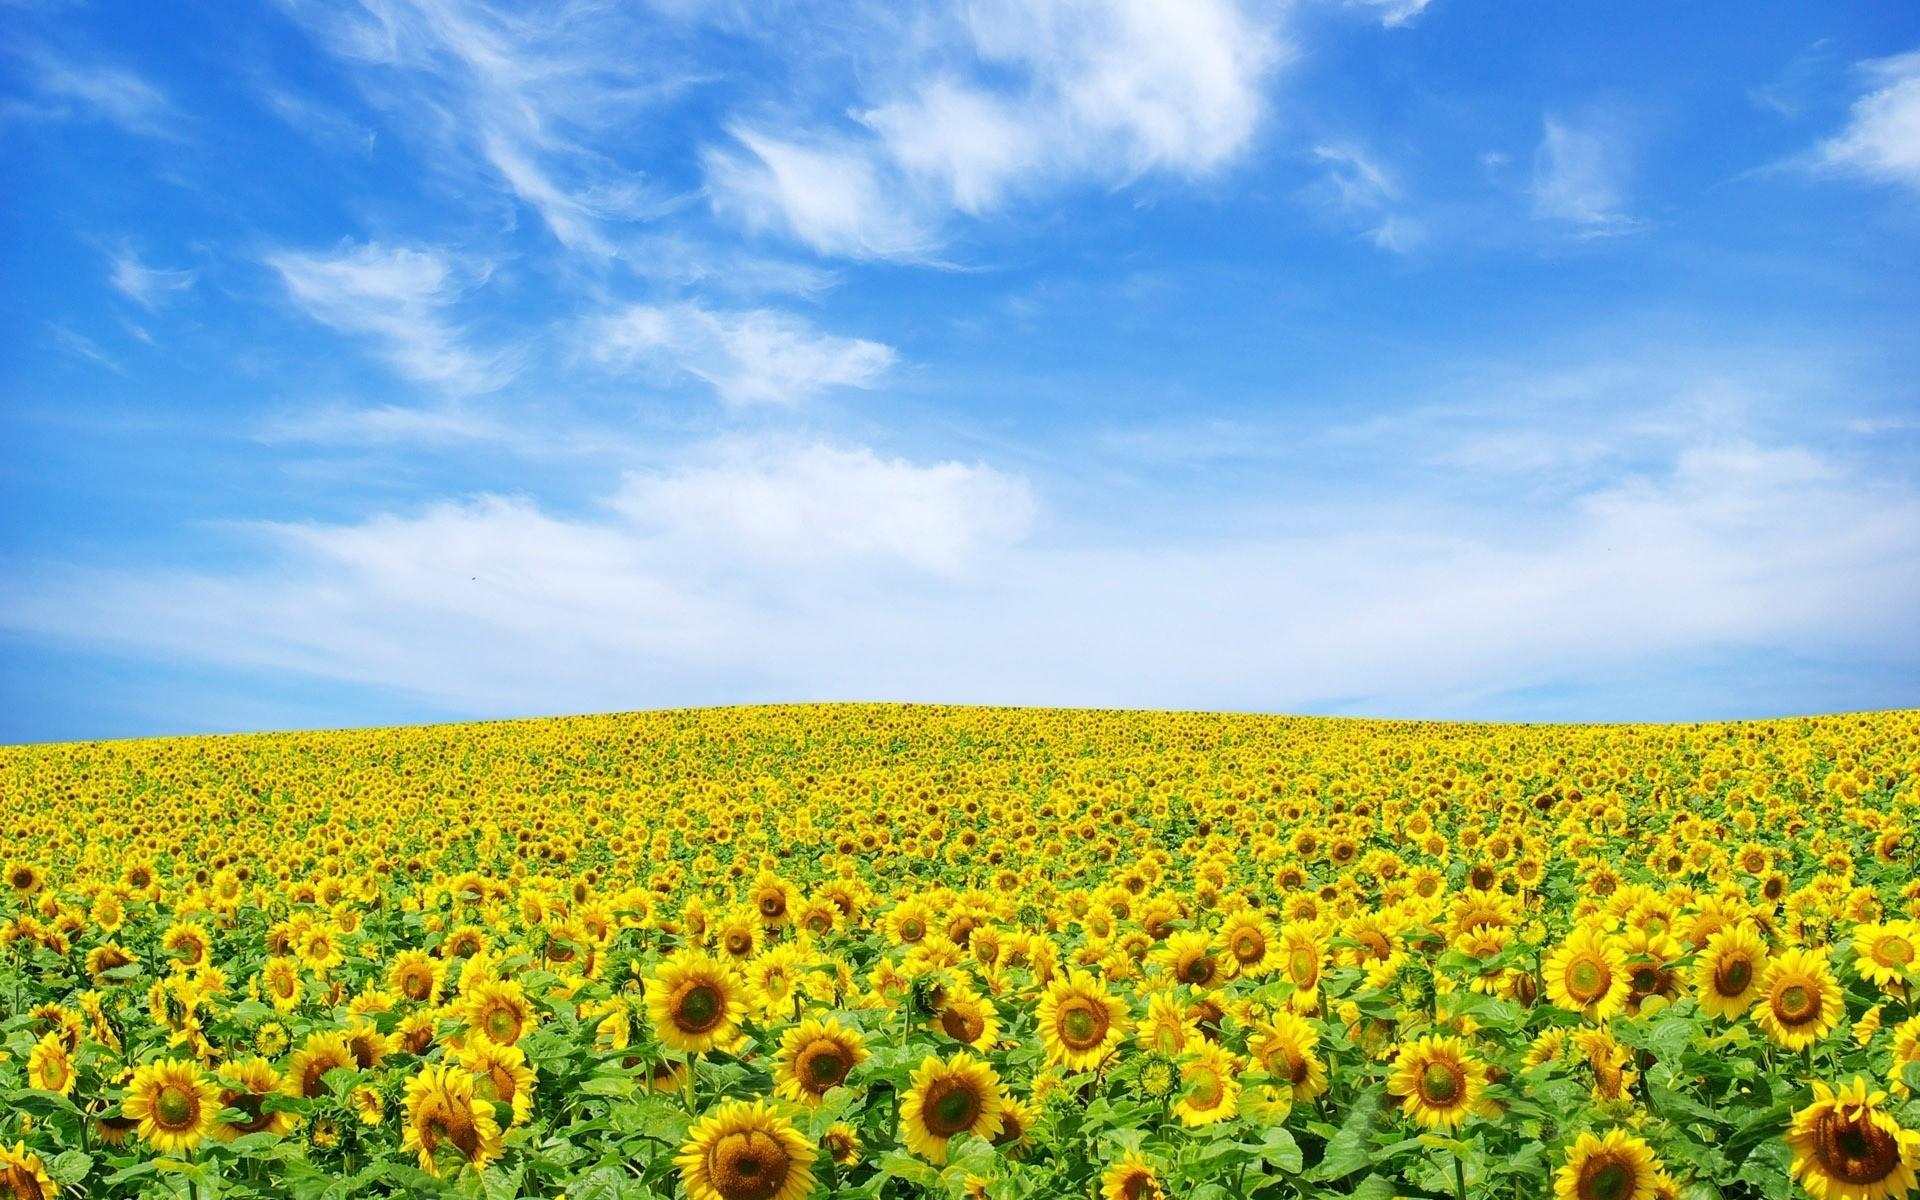 Sfondi : paesaggio, fiori, cielo, girasoli, colza, fiore ...